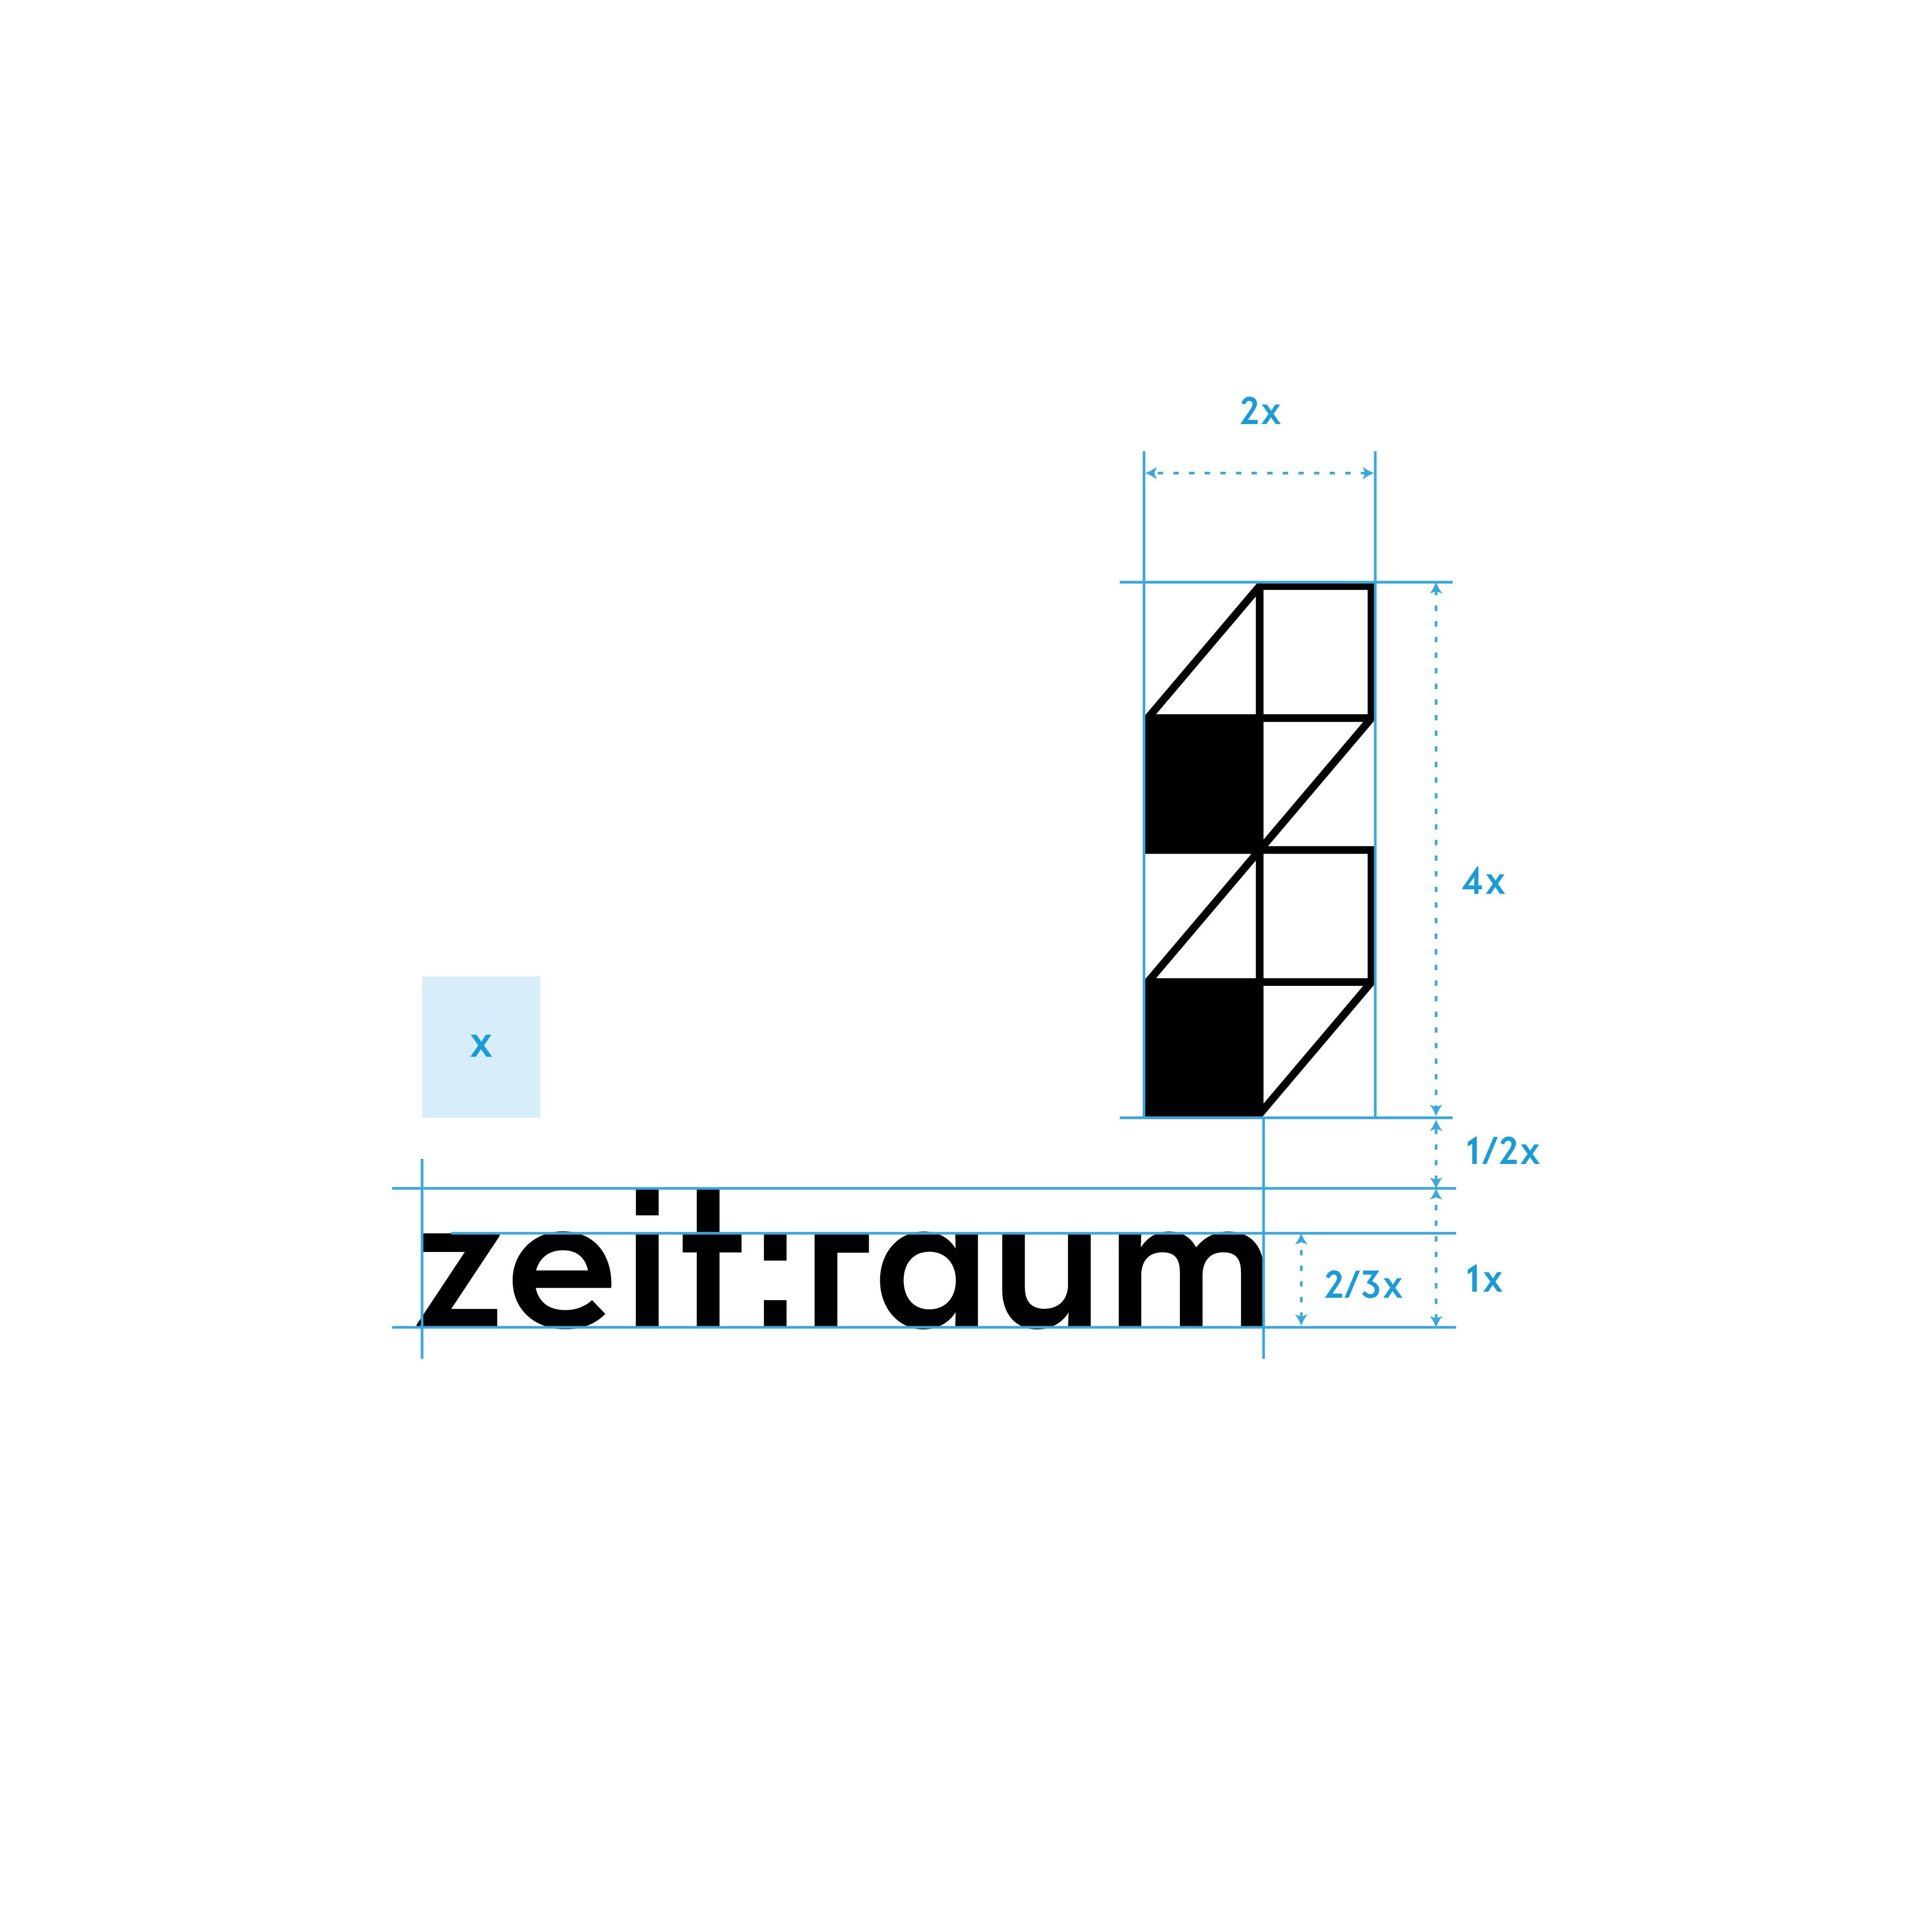 zeitraum_logo_messurement_04